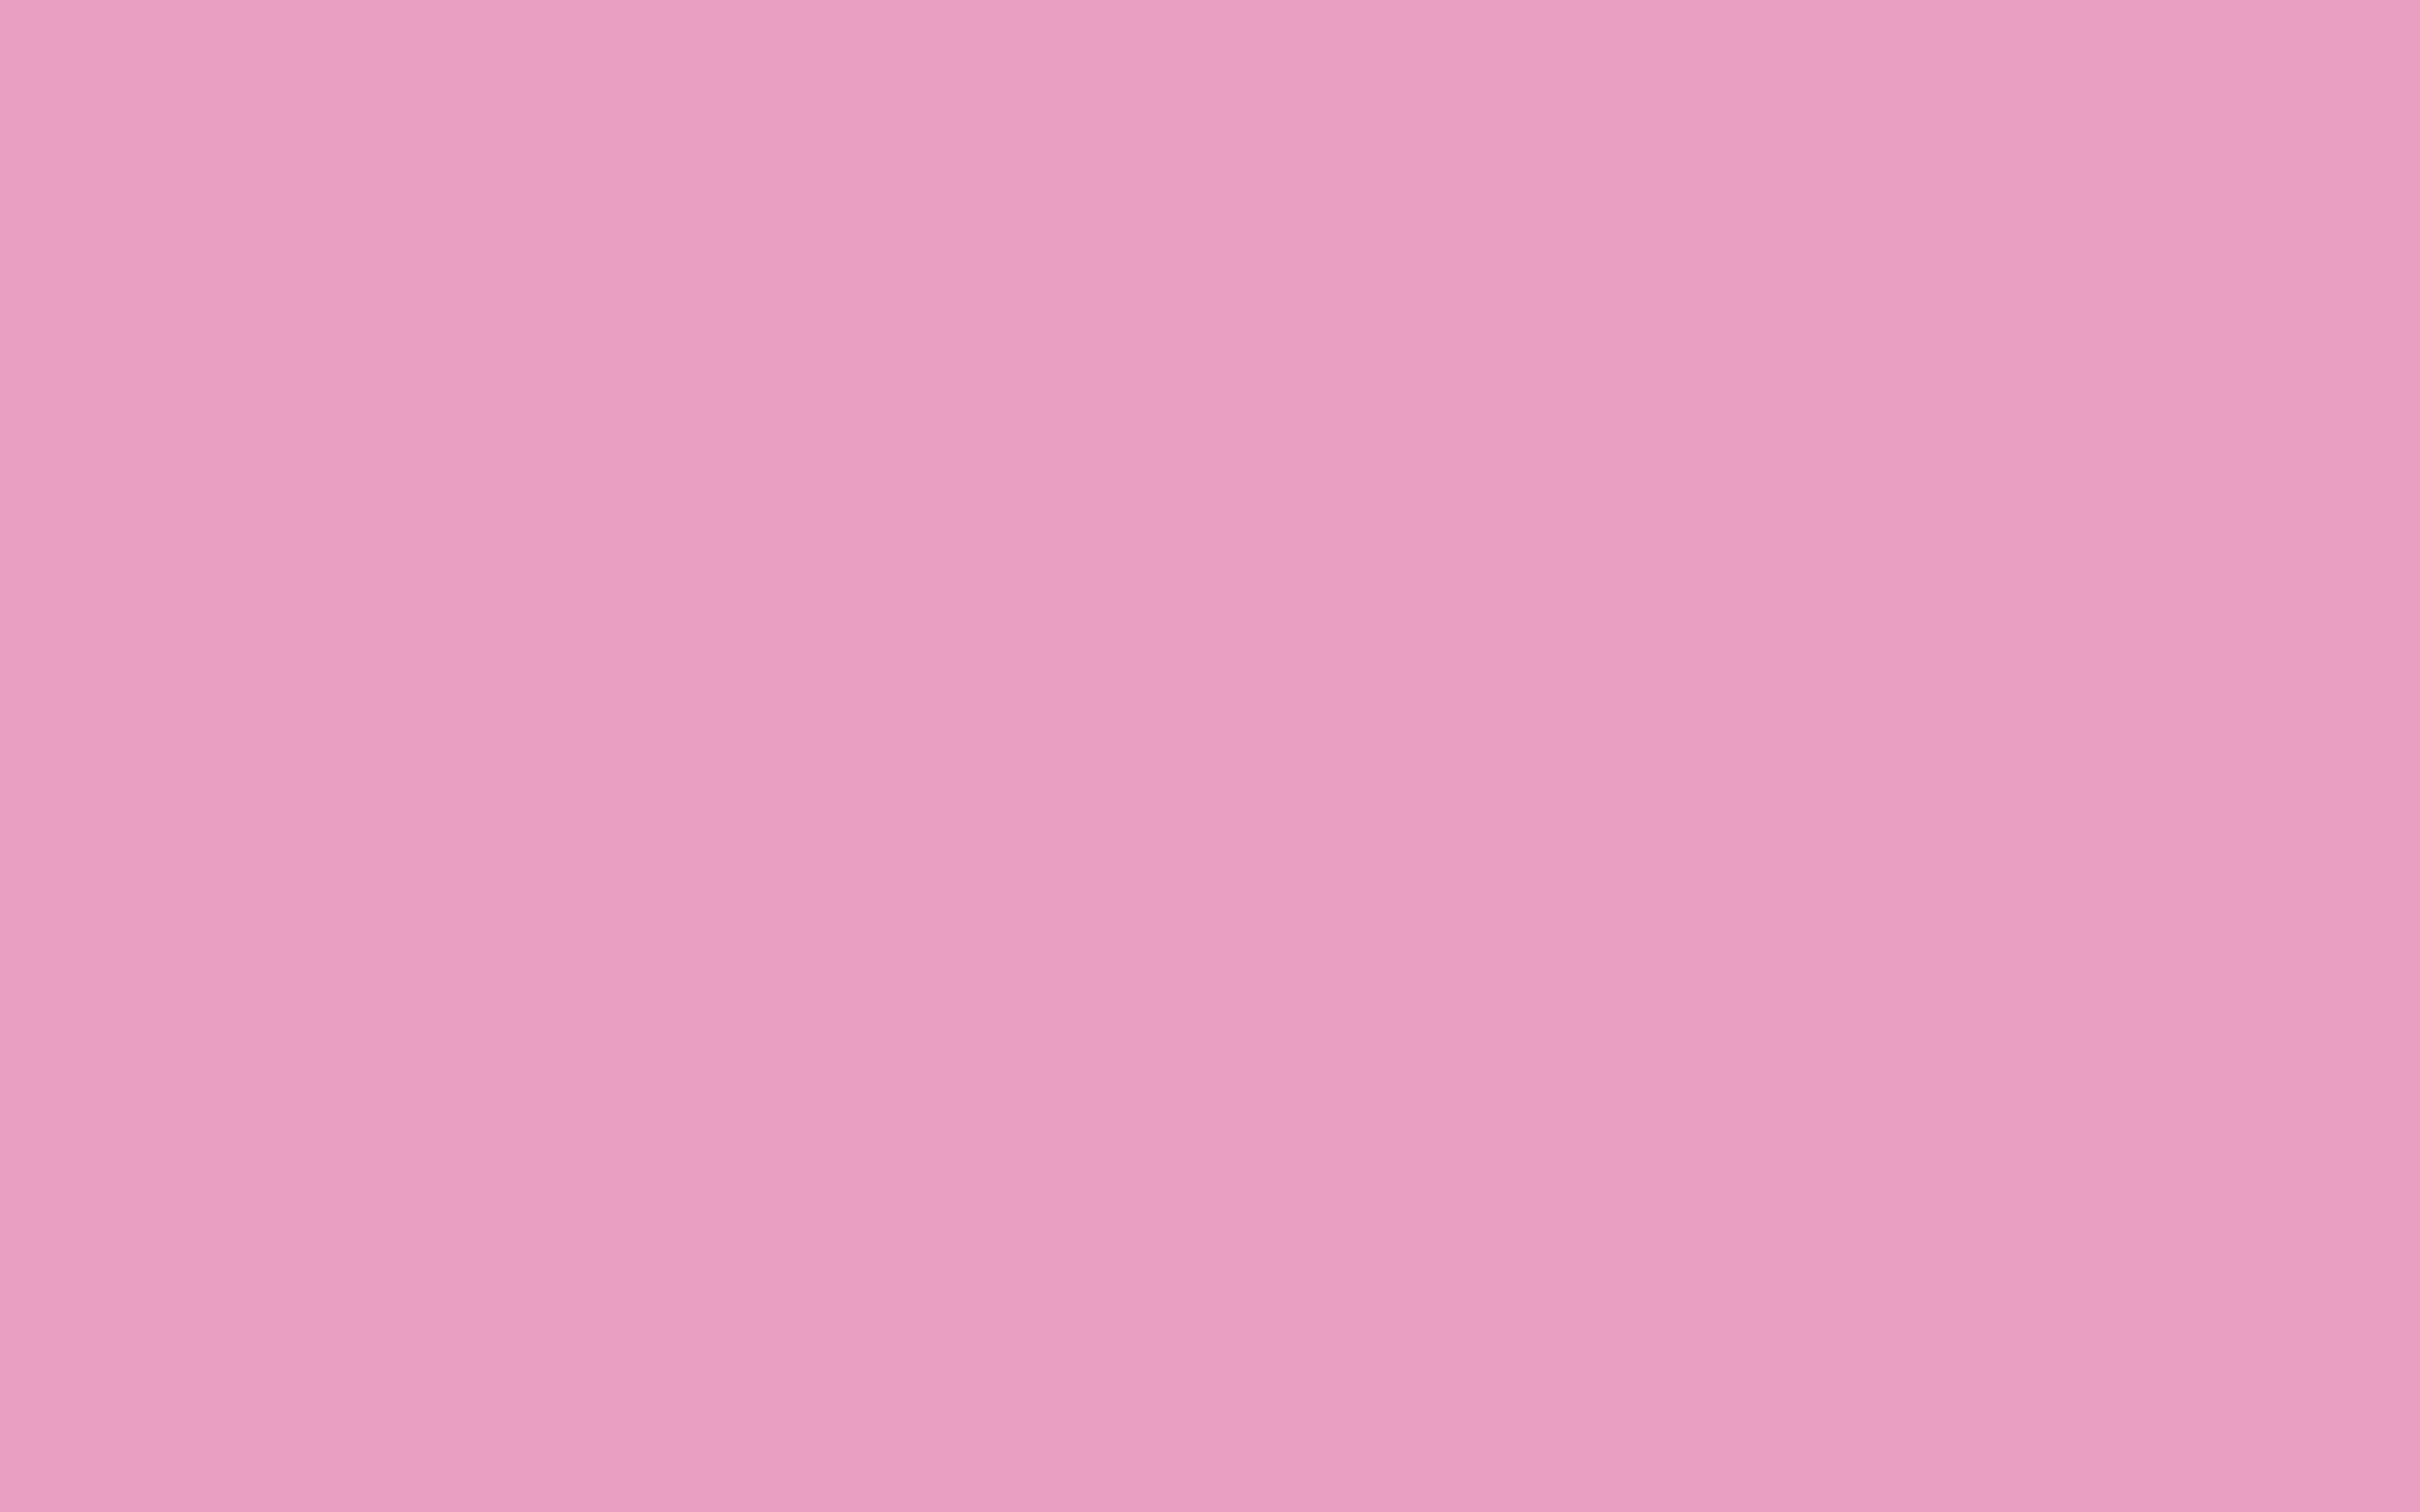 2560x1600 Kobi Solid Color Background